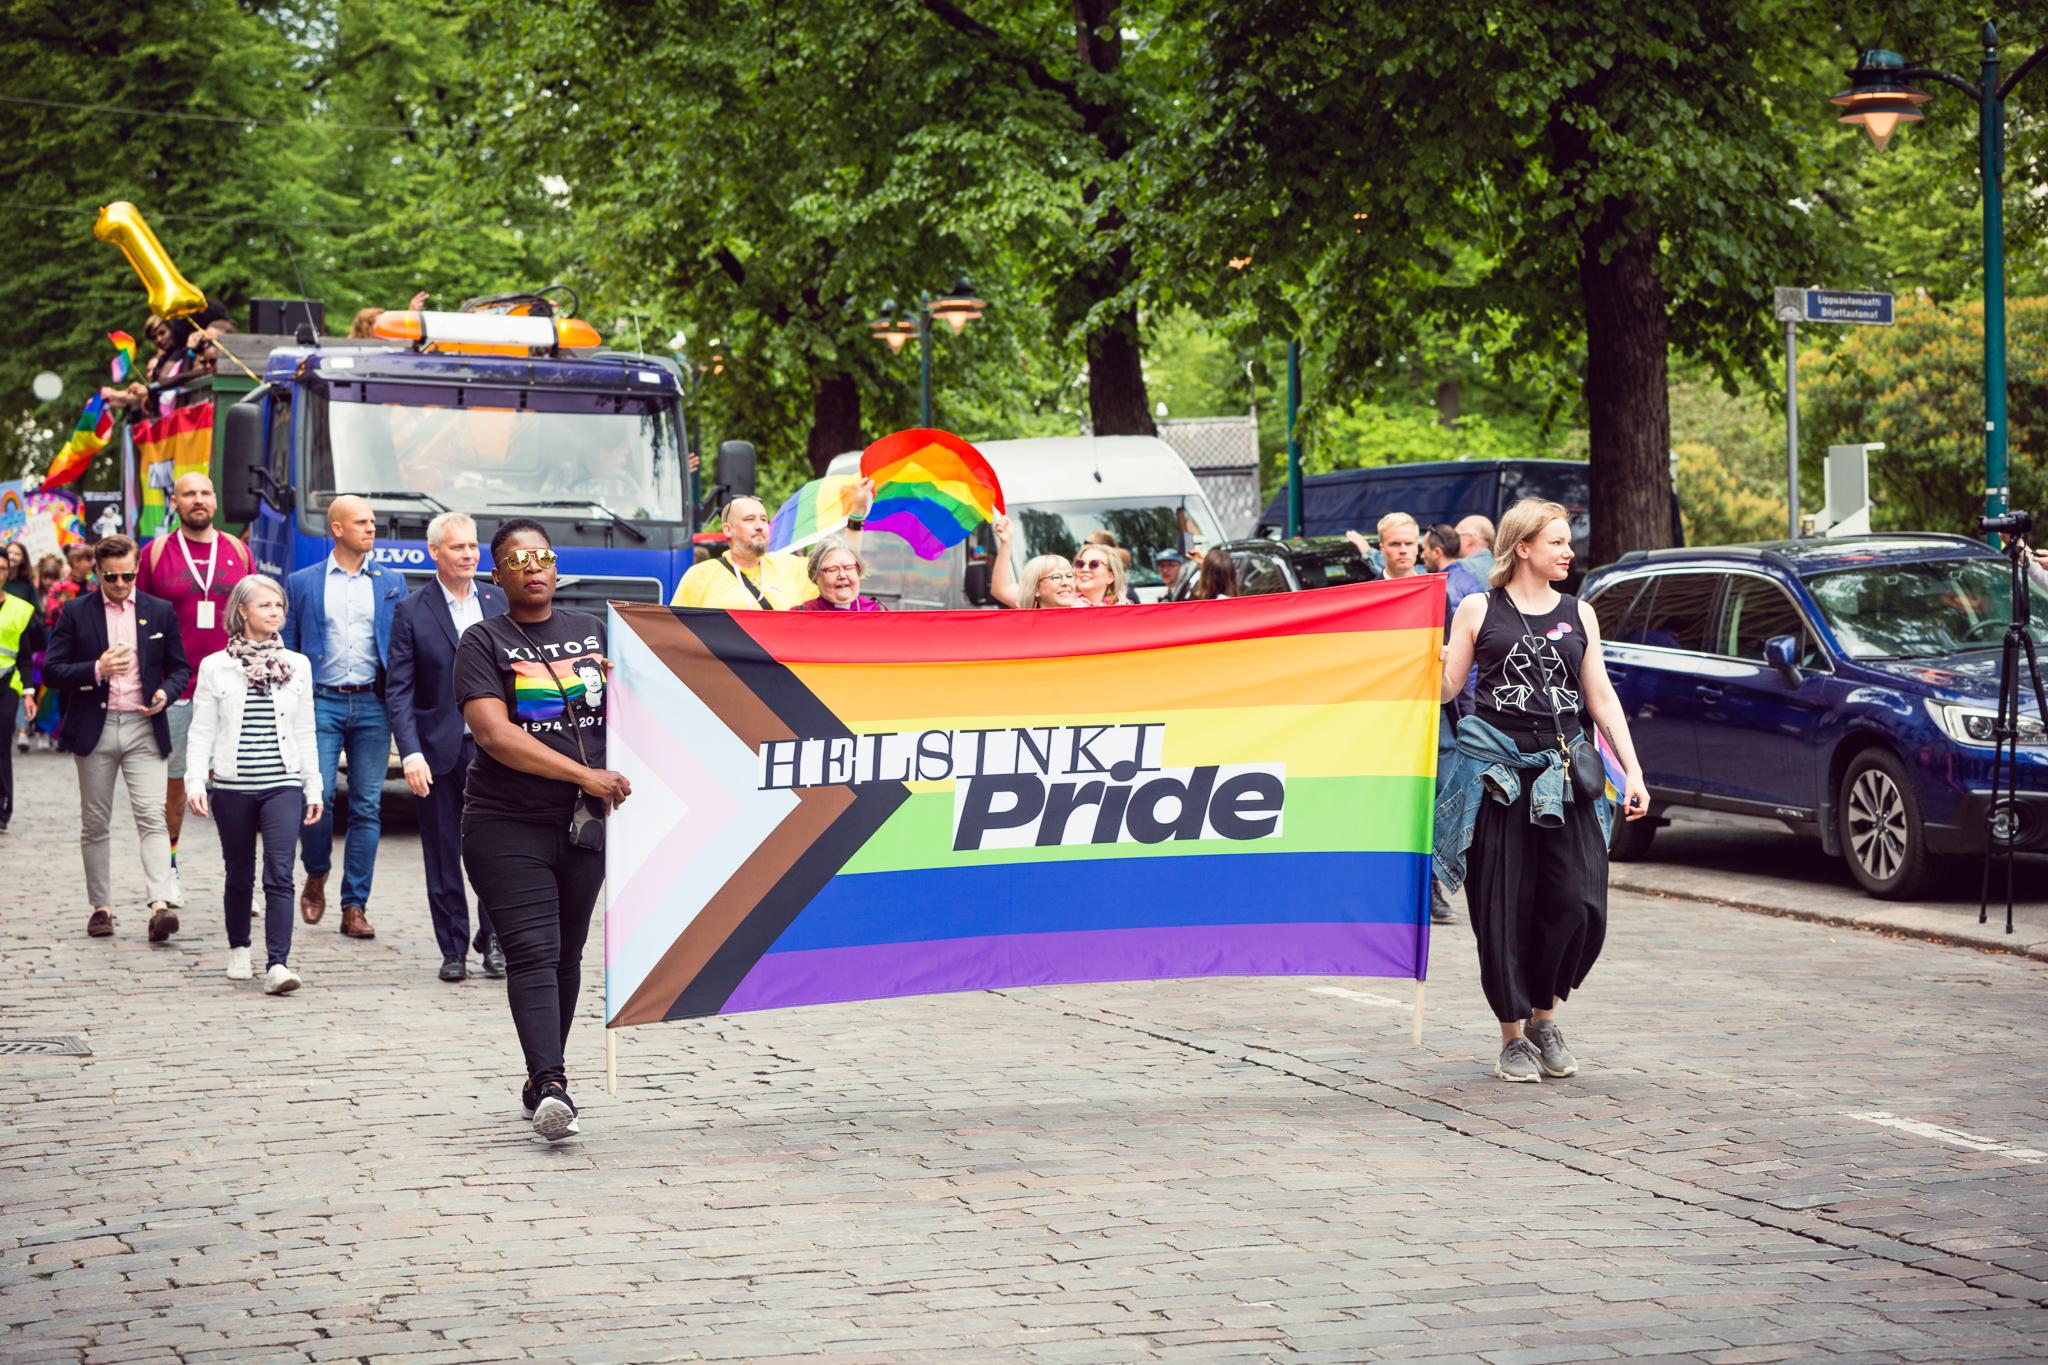 Helsinki Pride 2019-8.jpg